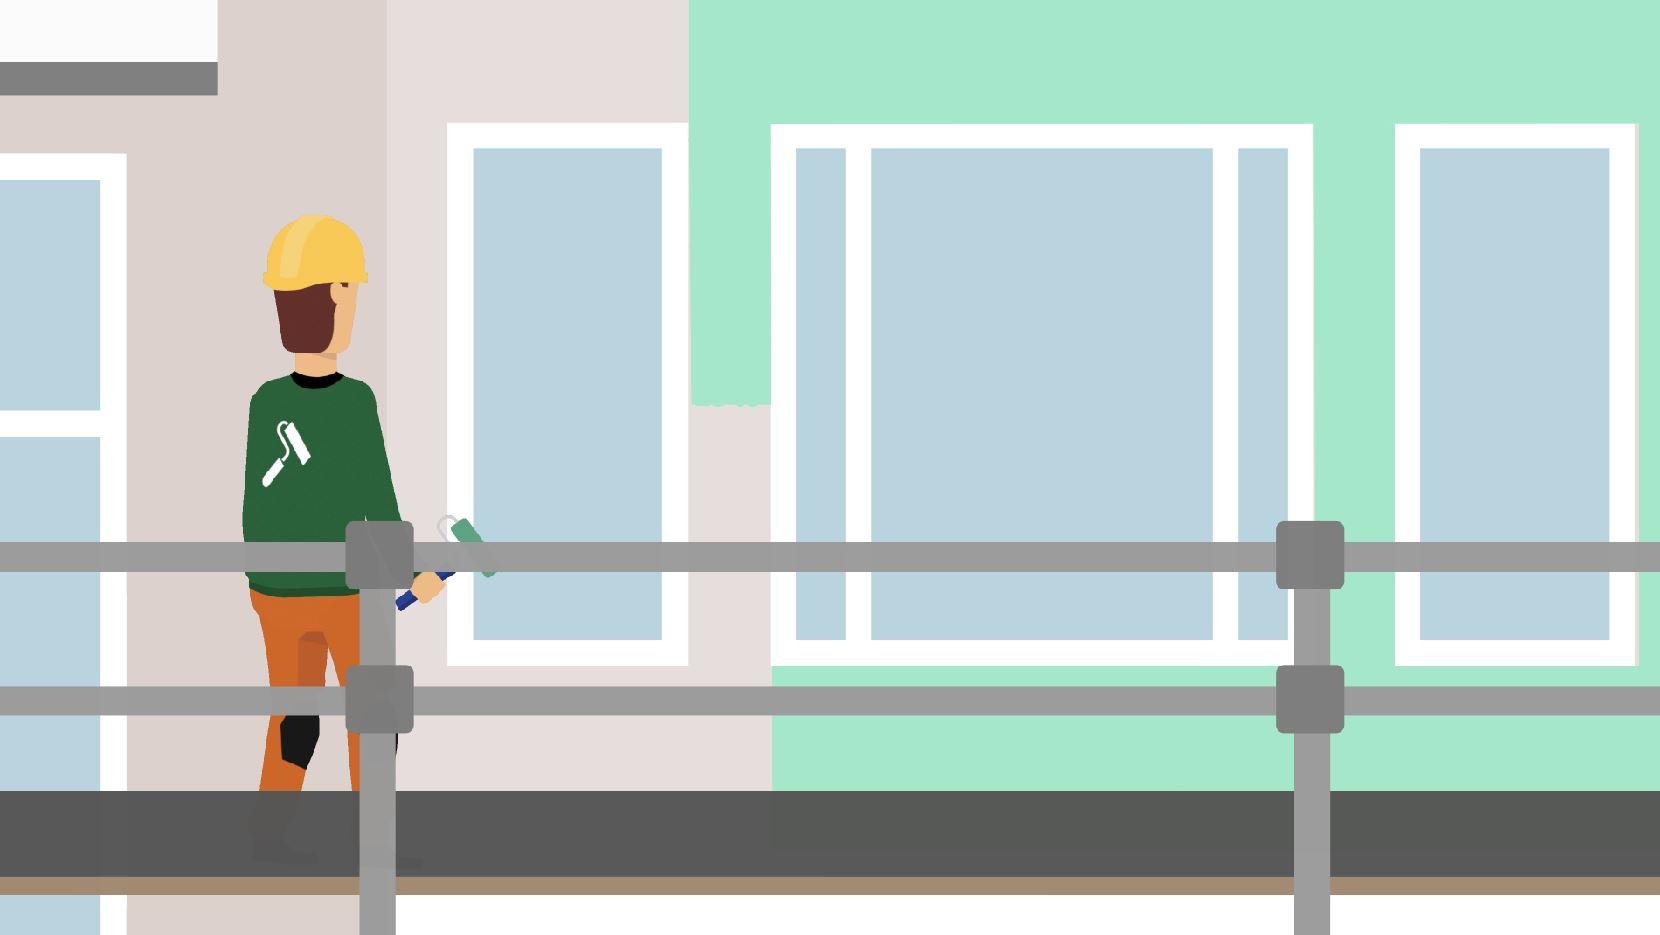 screenshot uit animatie vallen van hoogte